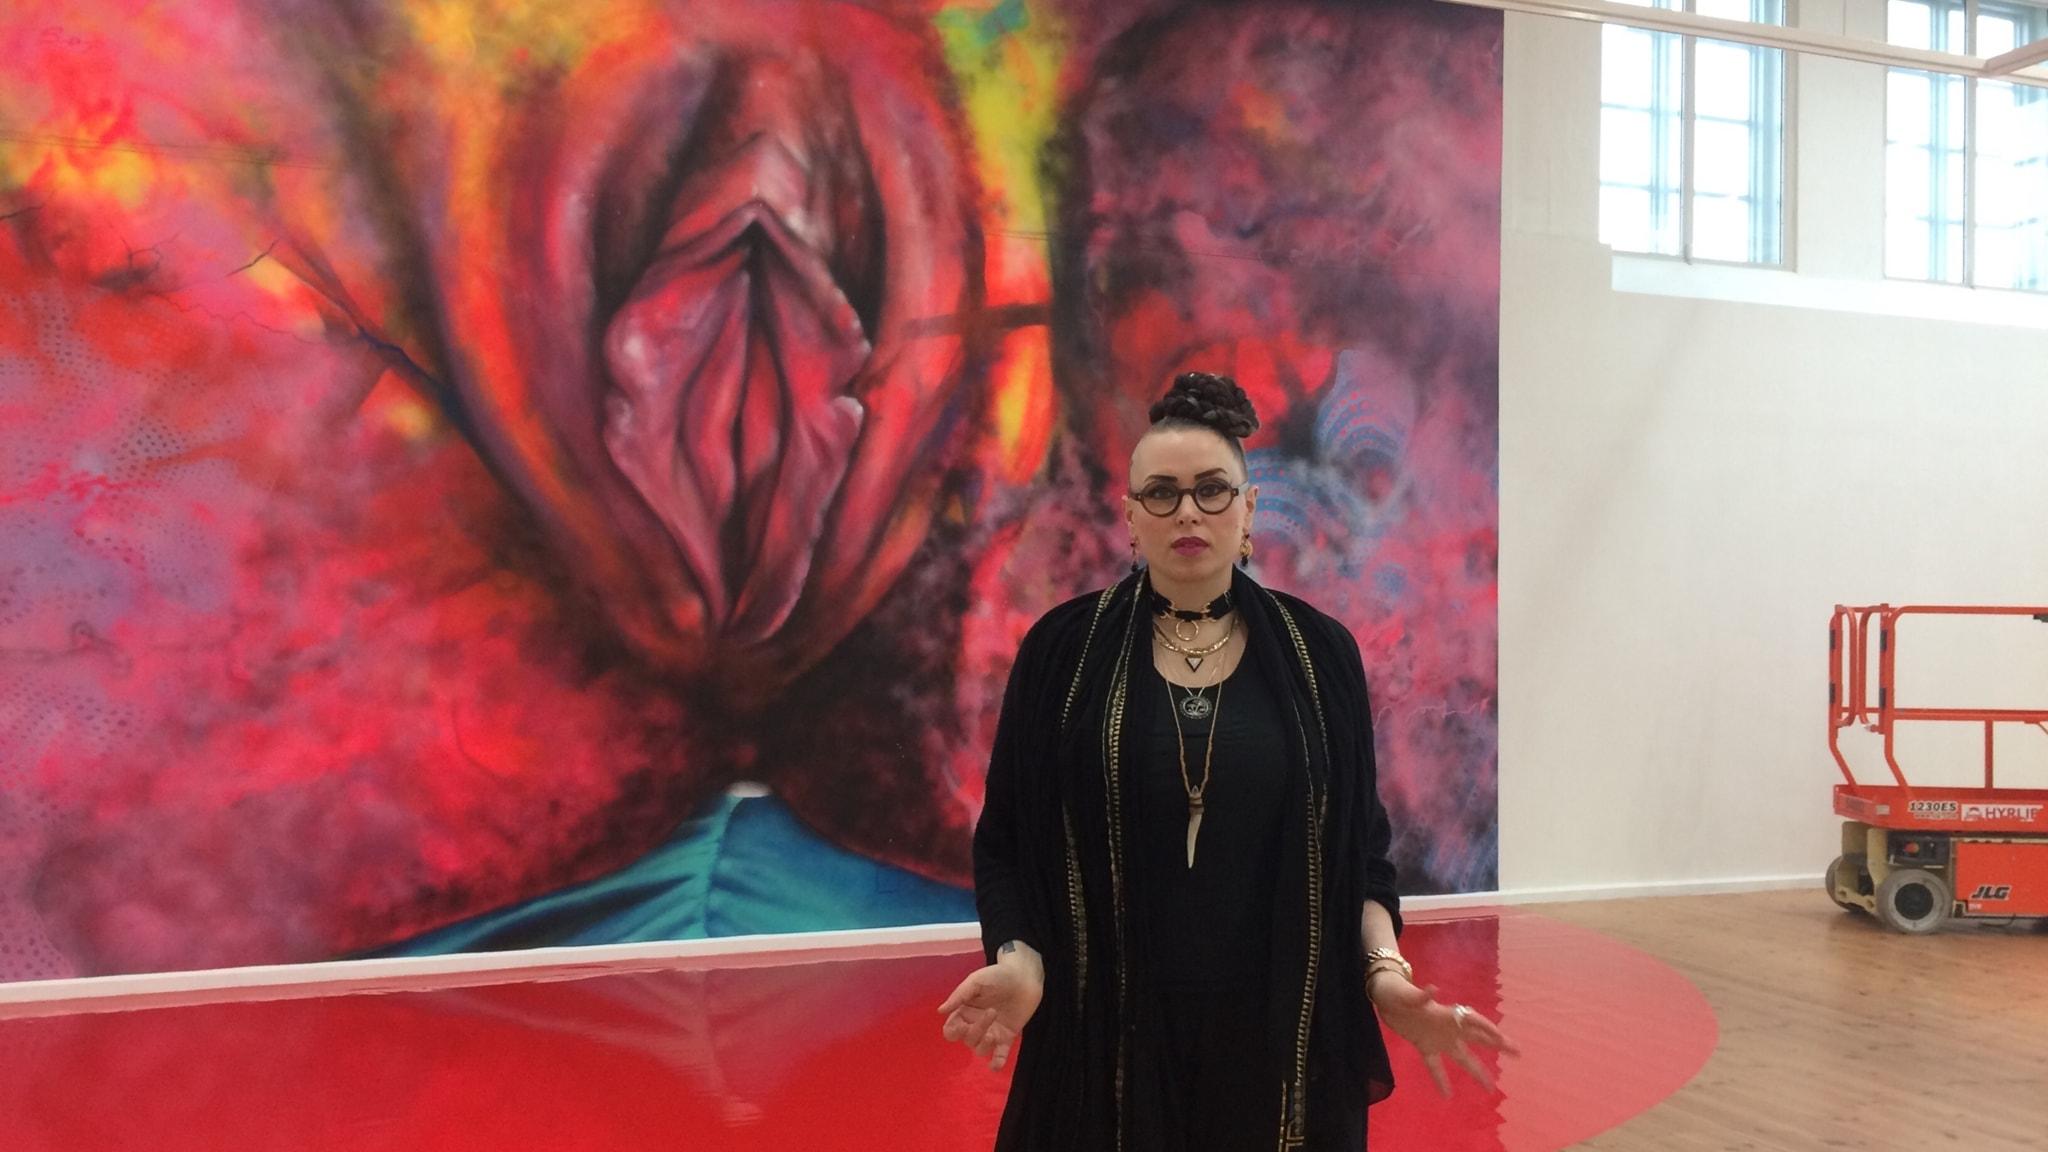 Graffittamålaren Carolina Falkholts penis övermålad i New York och maffig trilogi om svenska punken startar i SVT idag. Med Viveca Bladh.